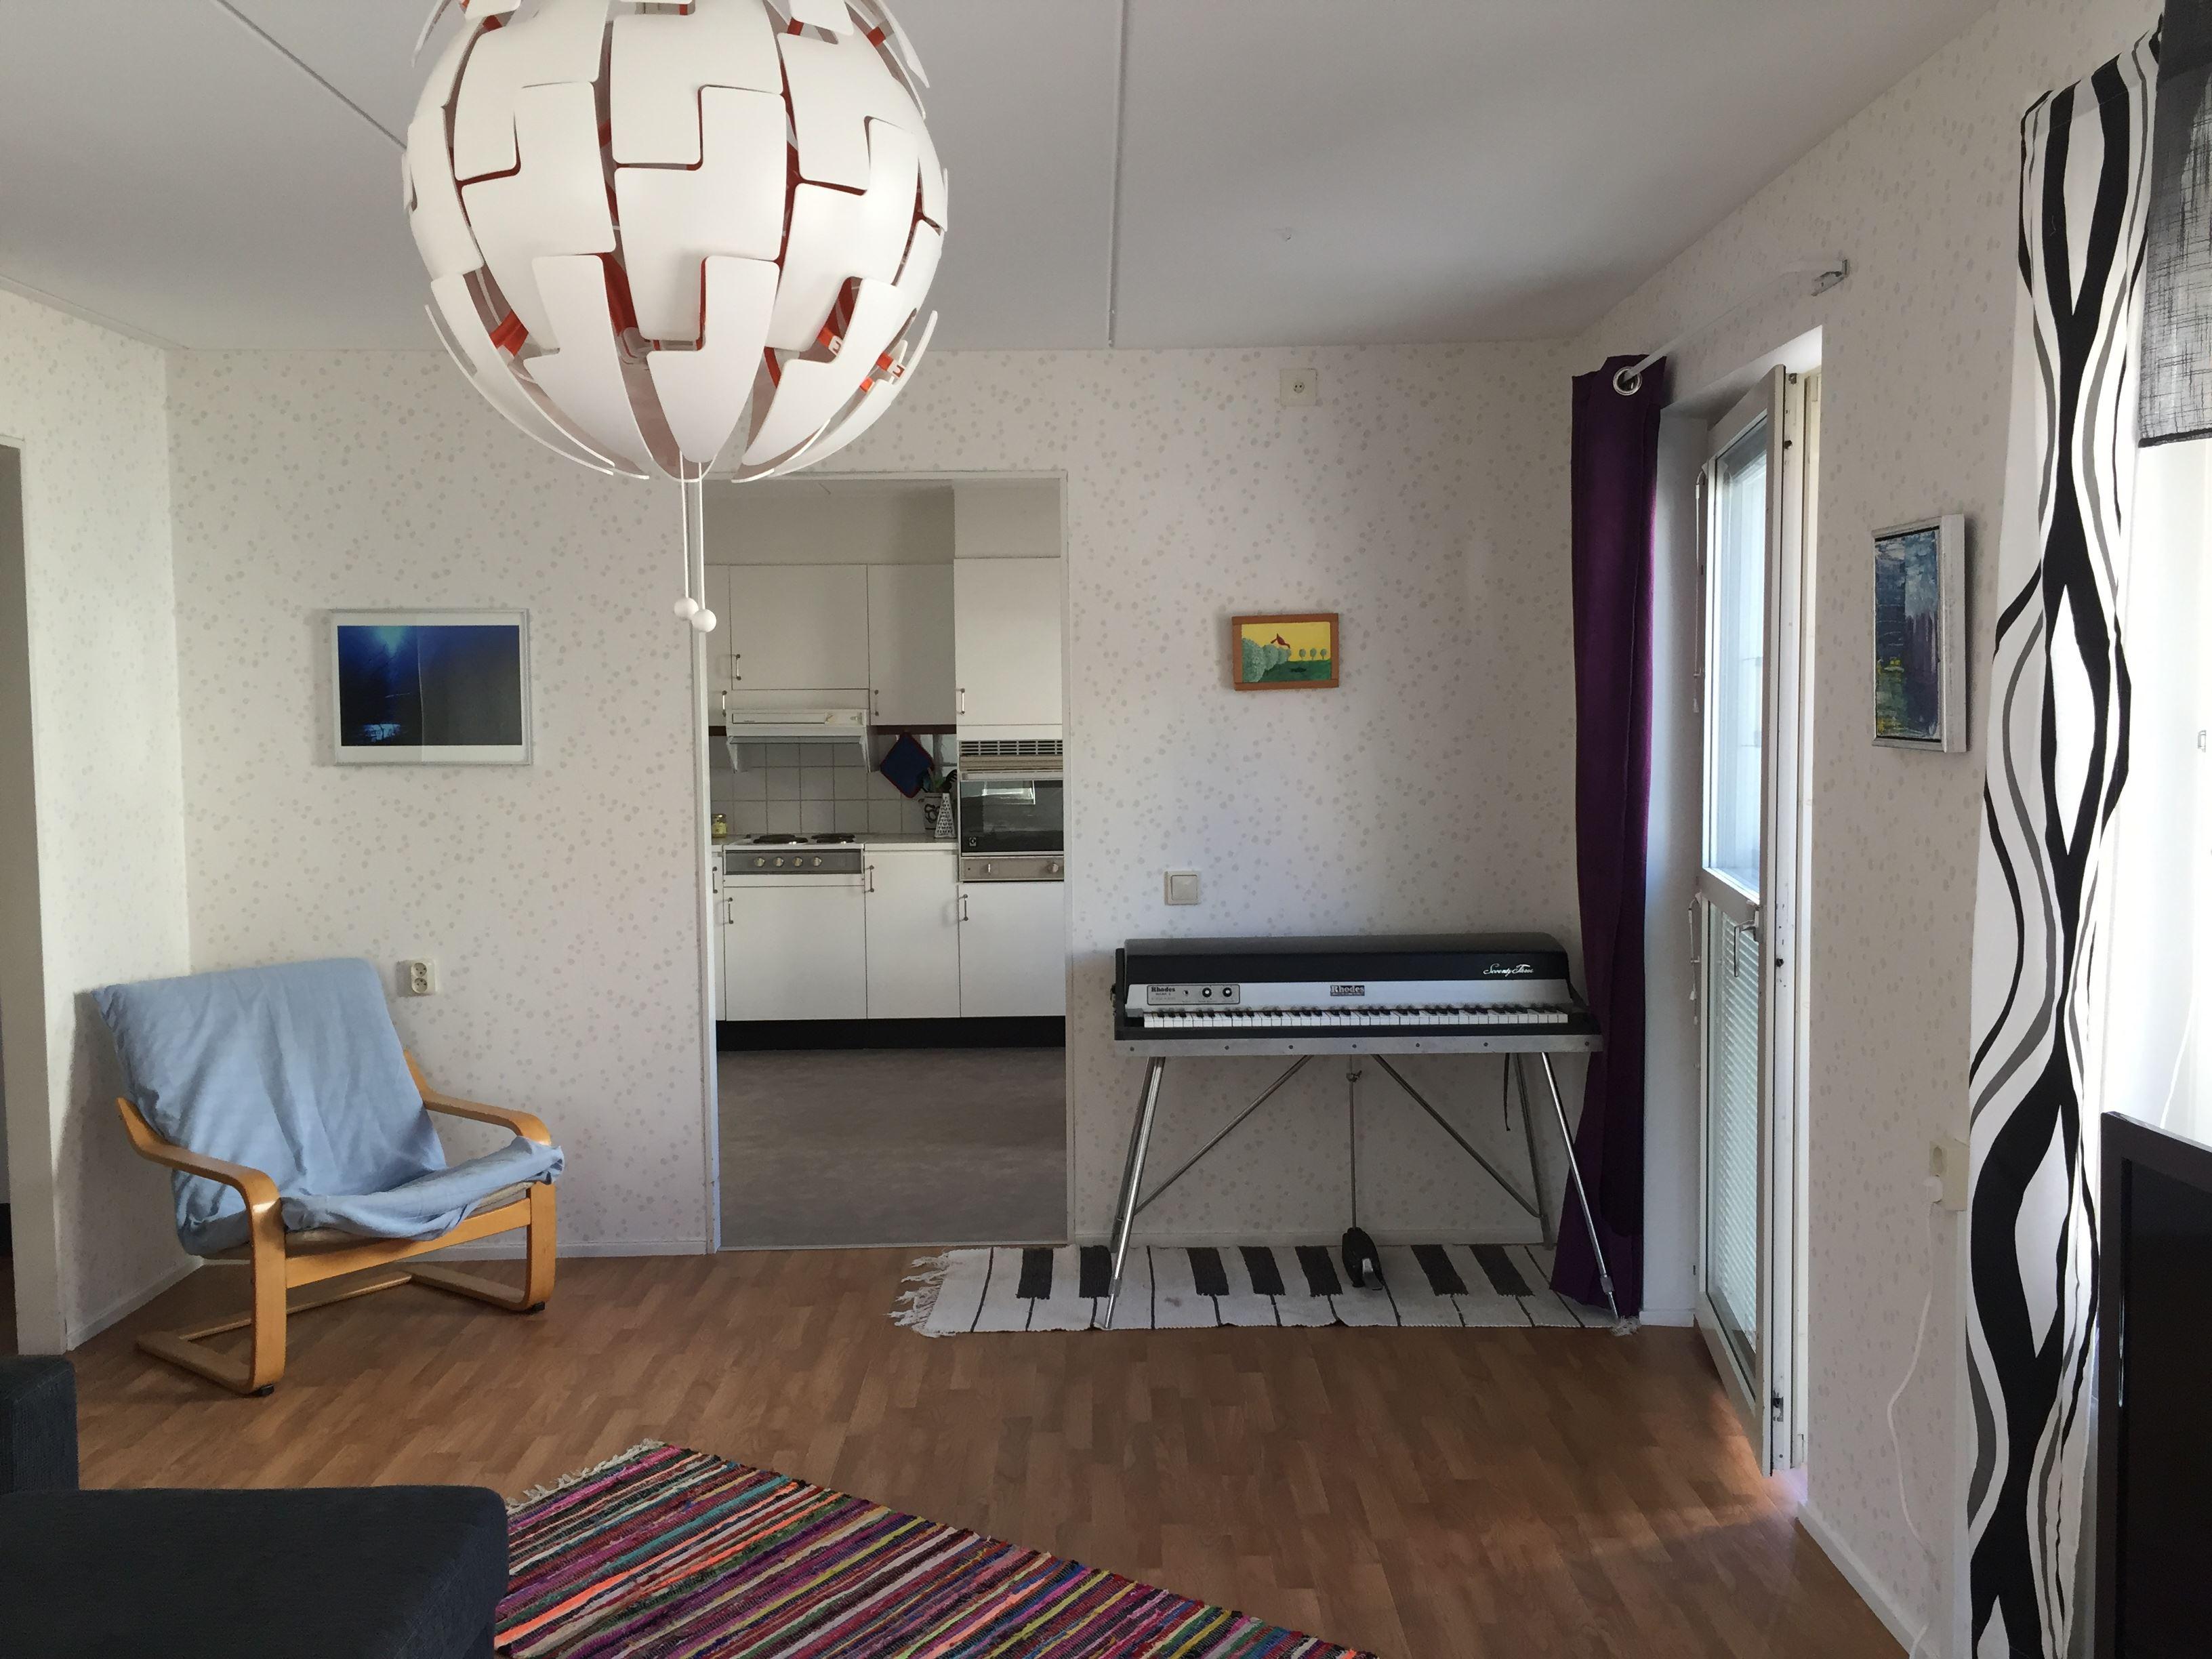 Lägenhet - Proviantgatan